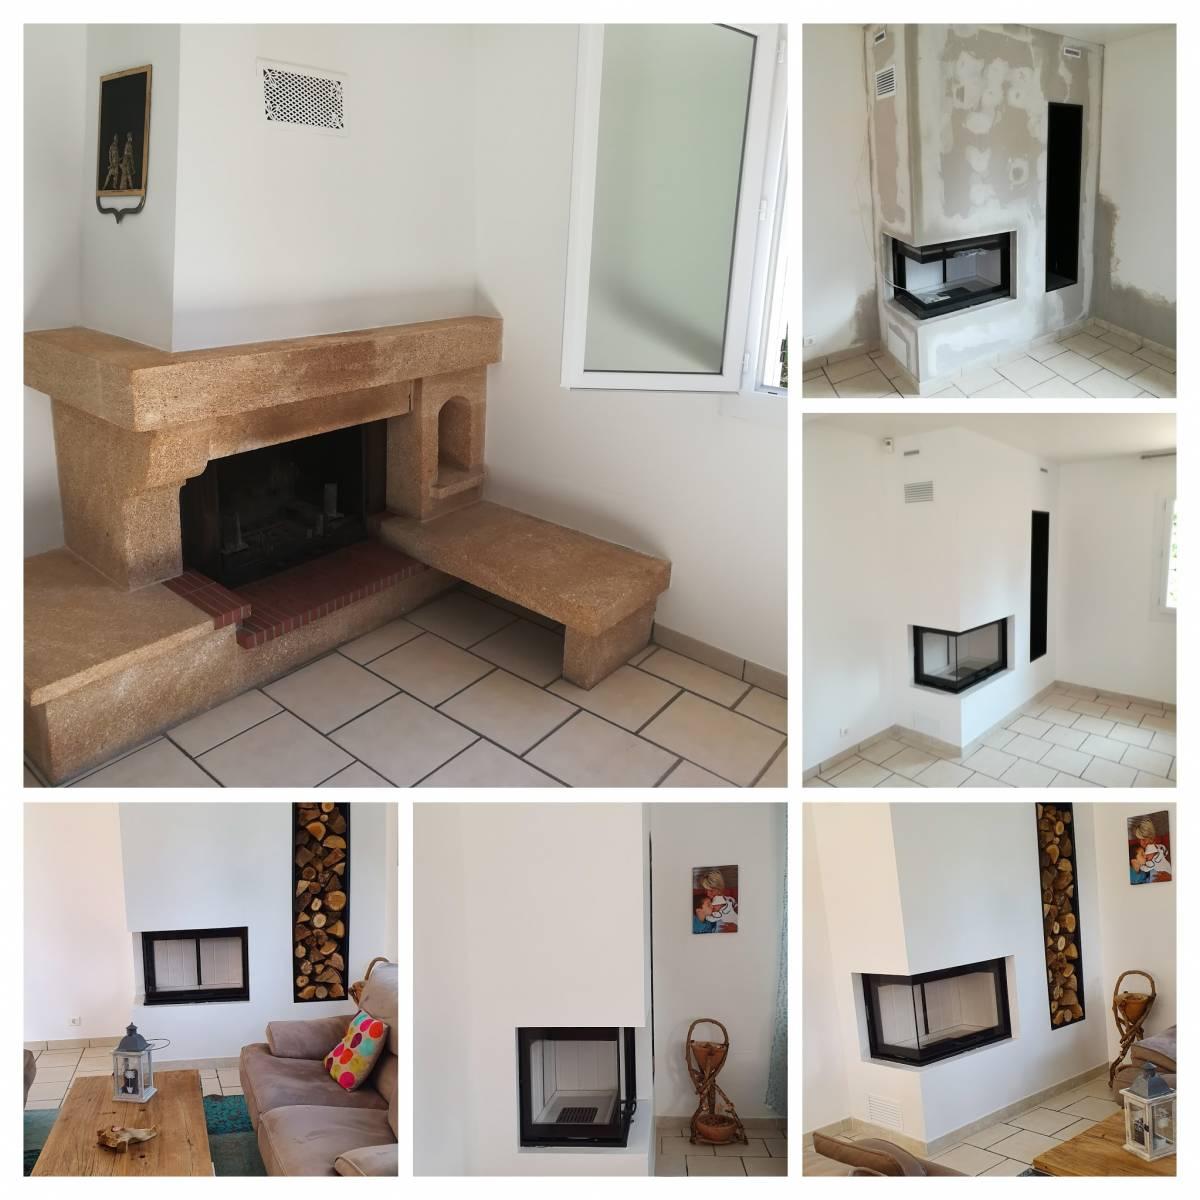 Installation D Un Foyer De Cheminee Avec Vitre Lateral A Salon De Provence Vente De Foyers Et Poeles A Bois Sur Avignon Cheminees Conception